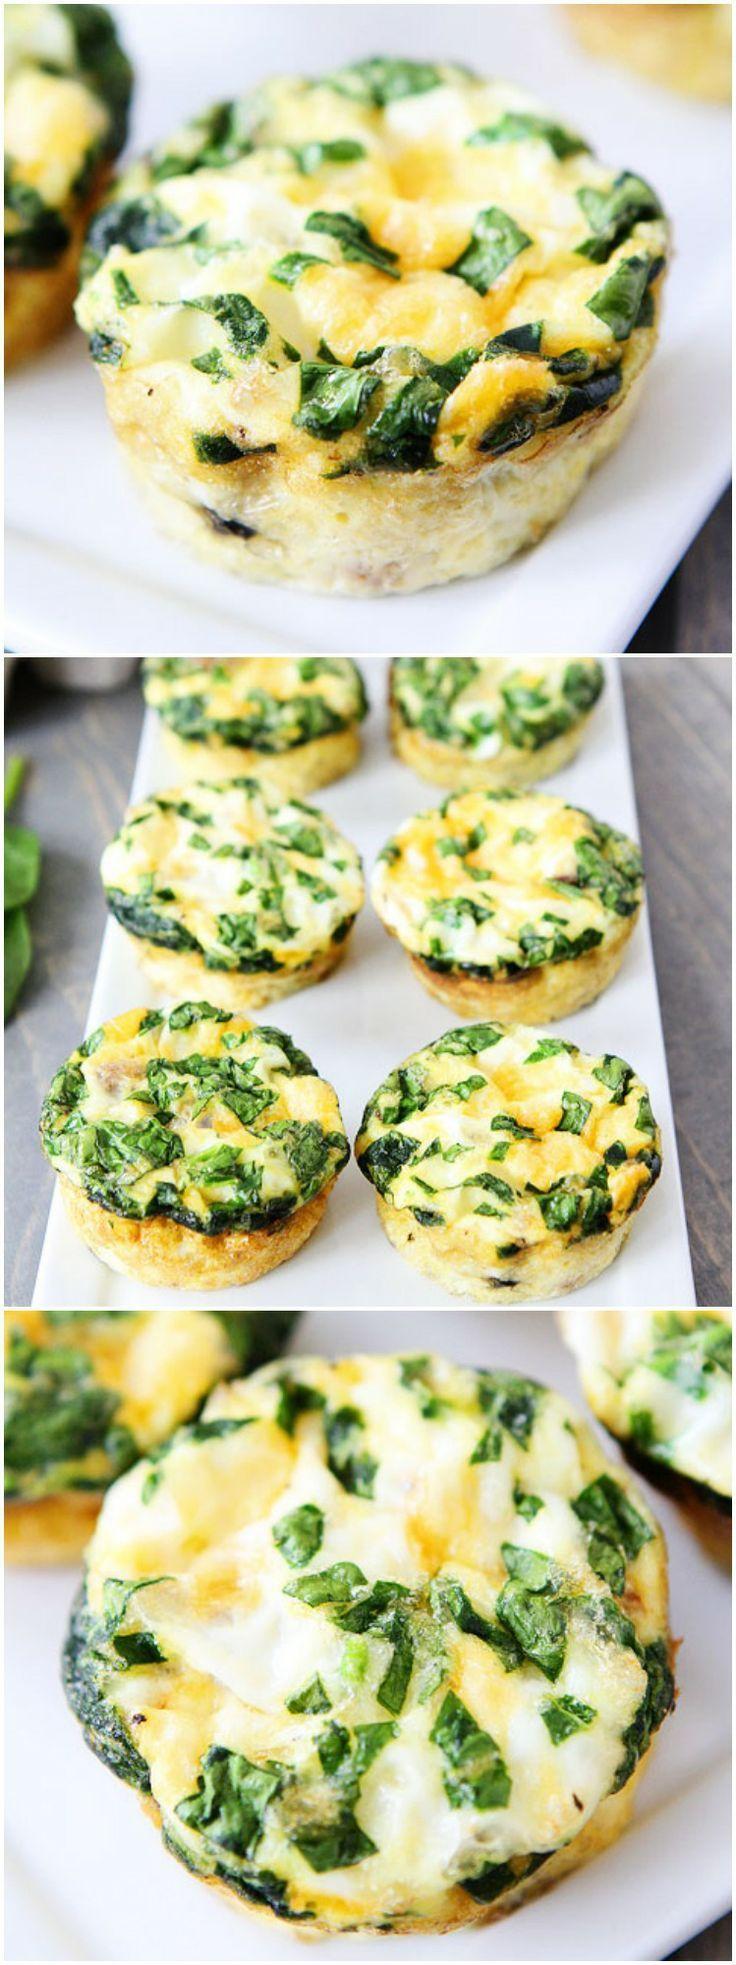 Savoury cake with spinach, eggs and potatoes Tartaleta salada de espinacas, huevos y patatas Subido de Pinterest. http://www.isladelecturas.es/index.php/noticias/libros/835-las-aventuras-de-indiana-juana-de-jaime-fuster A la venta en AMAZON. Feliz lectura.